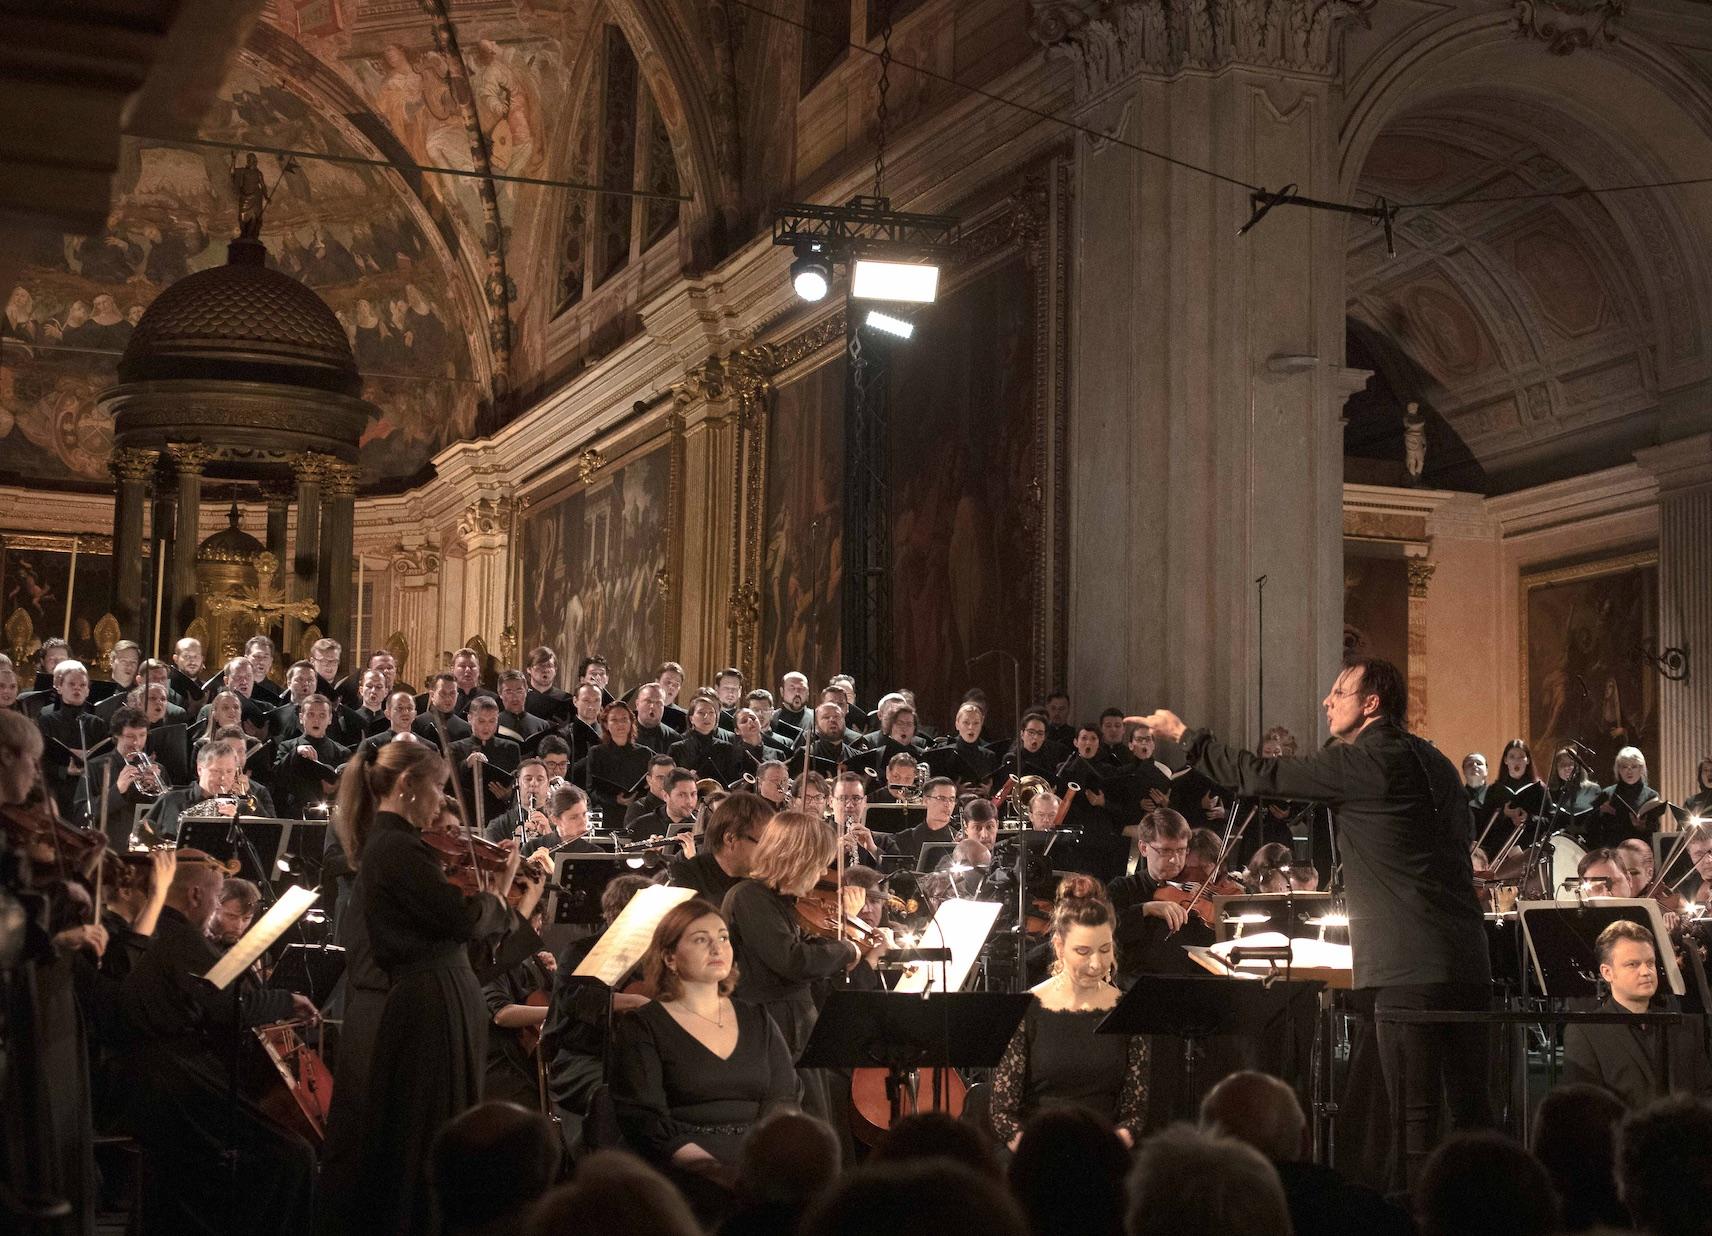 Requiem, Verdi; Currentzis; Teodor Currentzis; Giuseppe Verdi; Basilica di San Marco; Musicaeterna; Silvia Lelli; società del quartetto